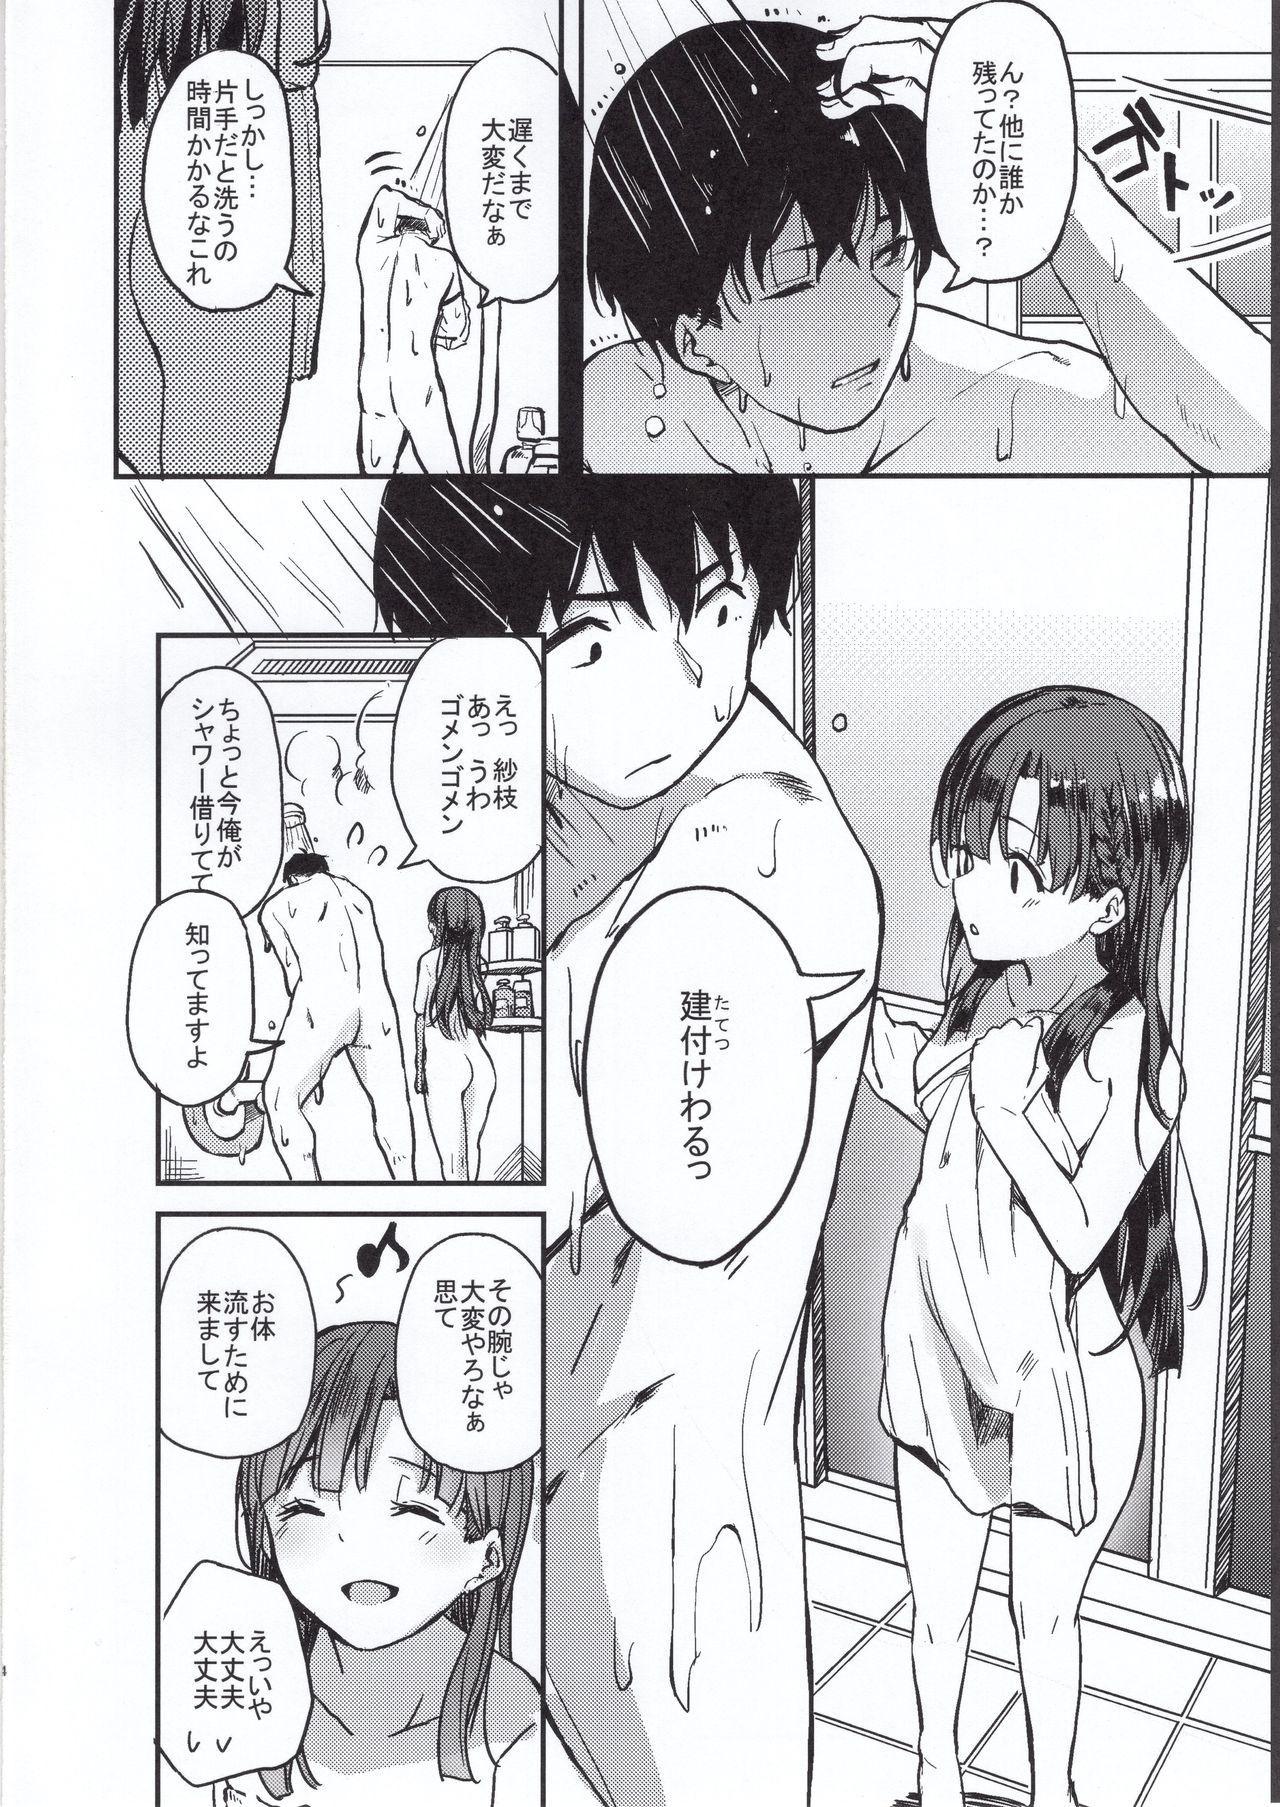 Kyoumusume ni Kanri Sareru Hon 2